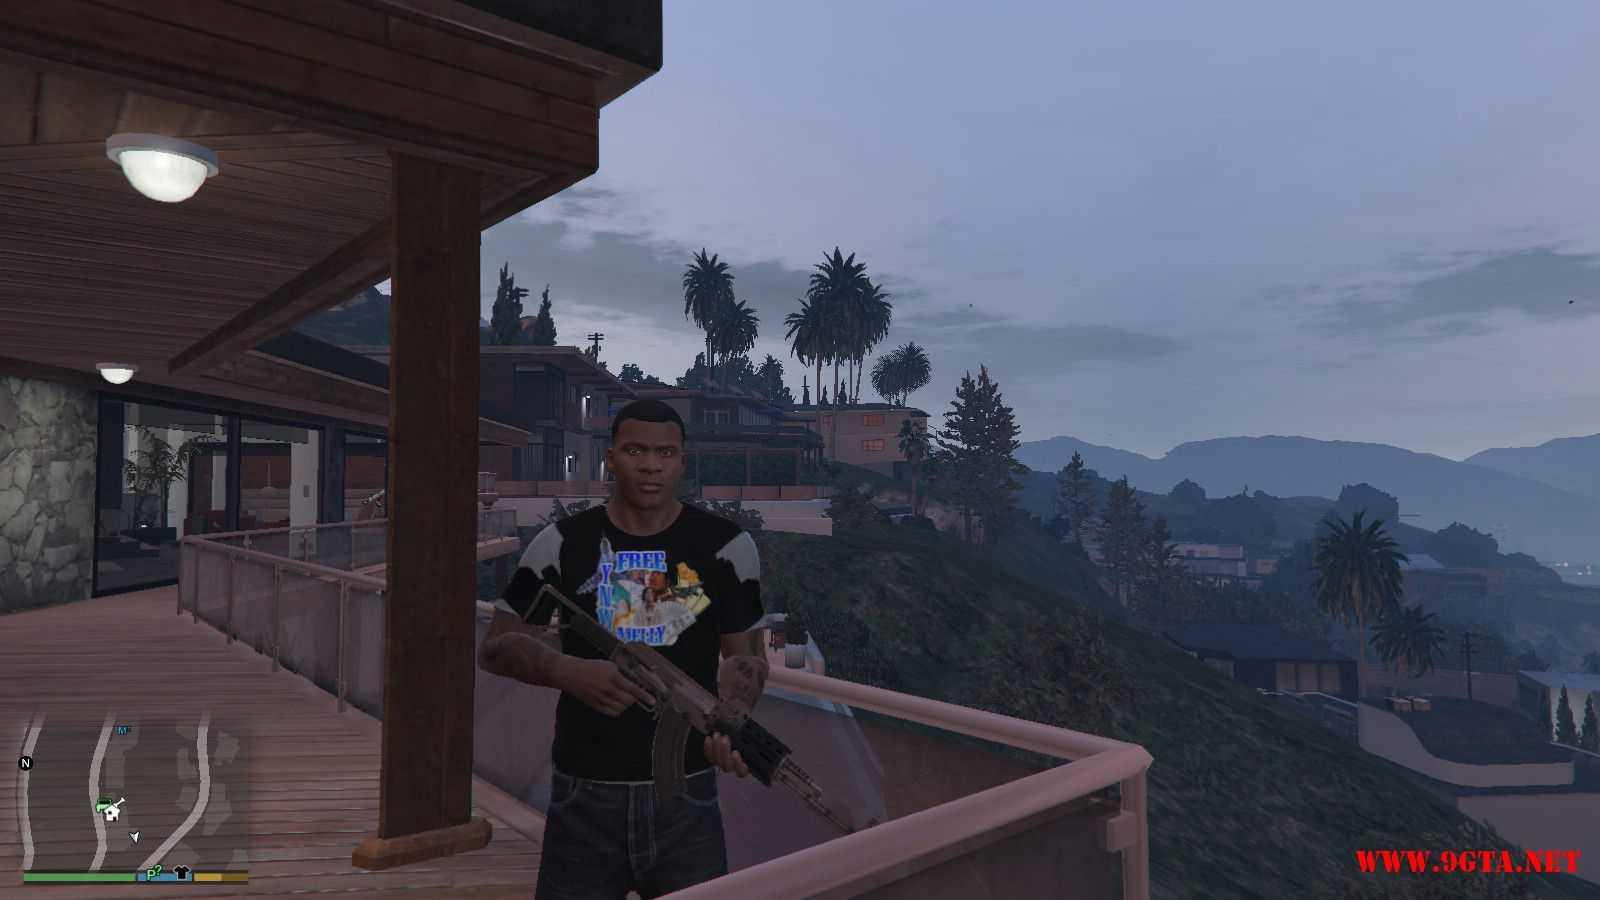 Free YNW Melly T-Shirt GTA5 Mods (5)